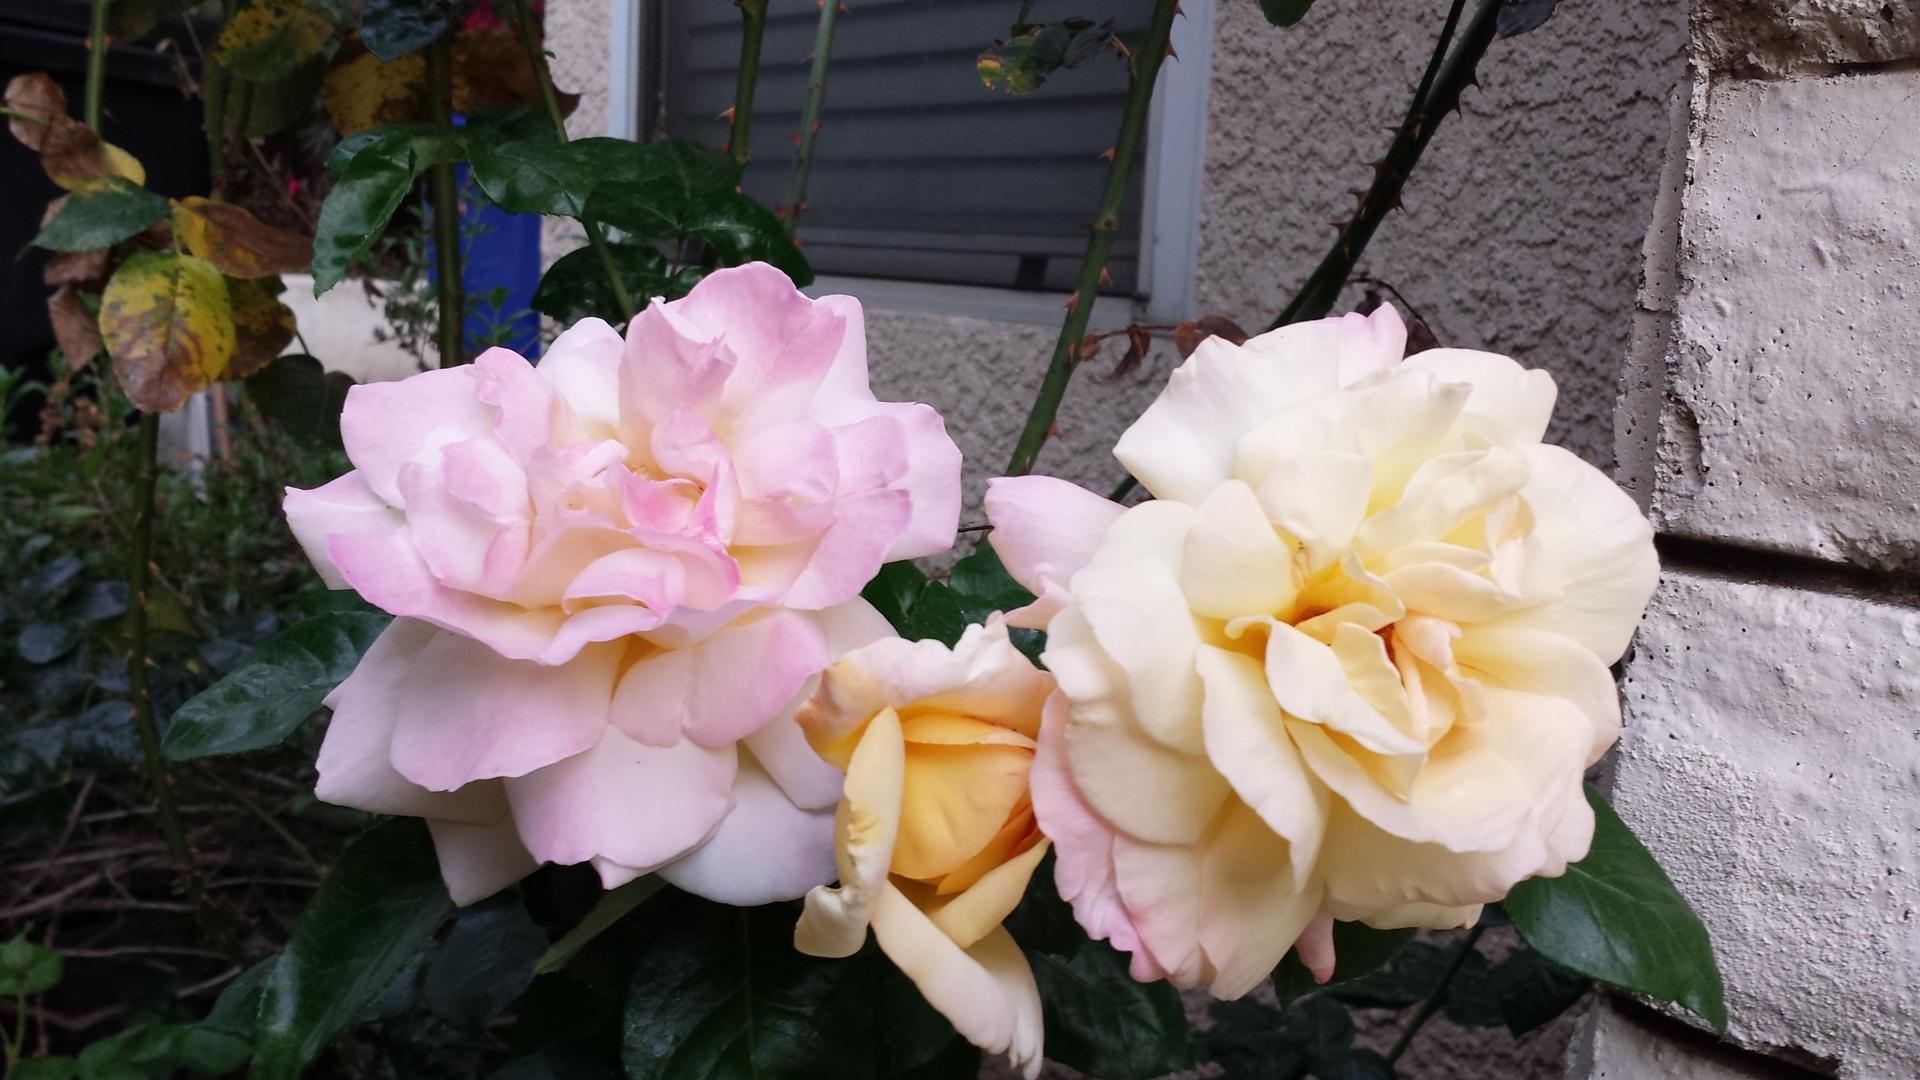 Flower, Rose, No Person, Petal, Flora